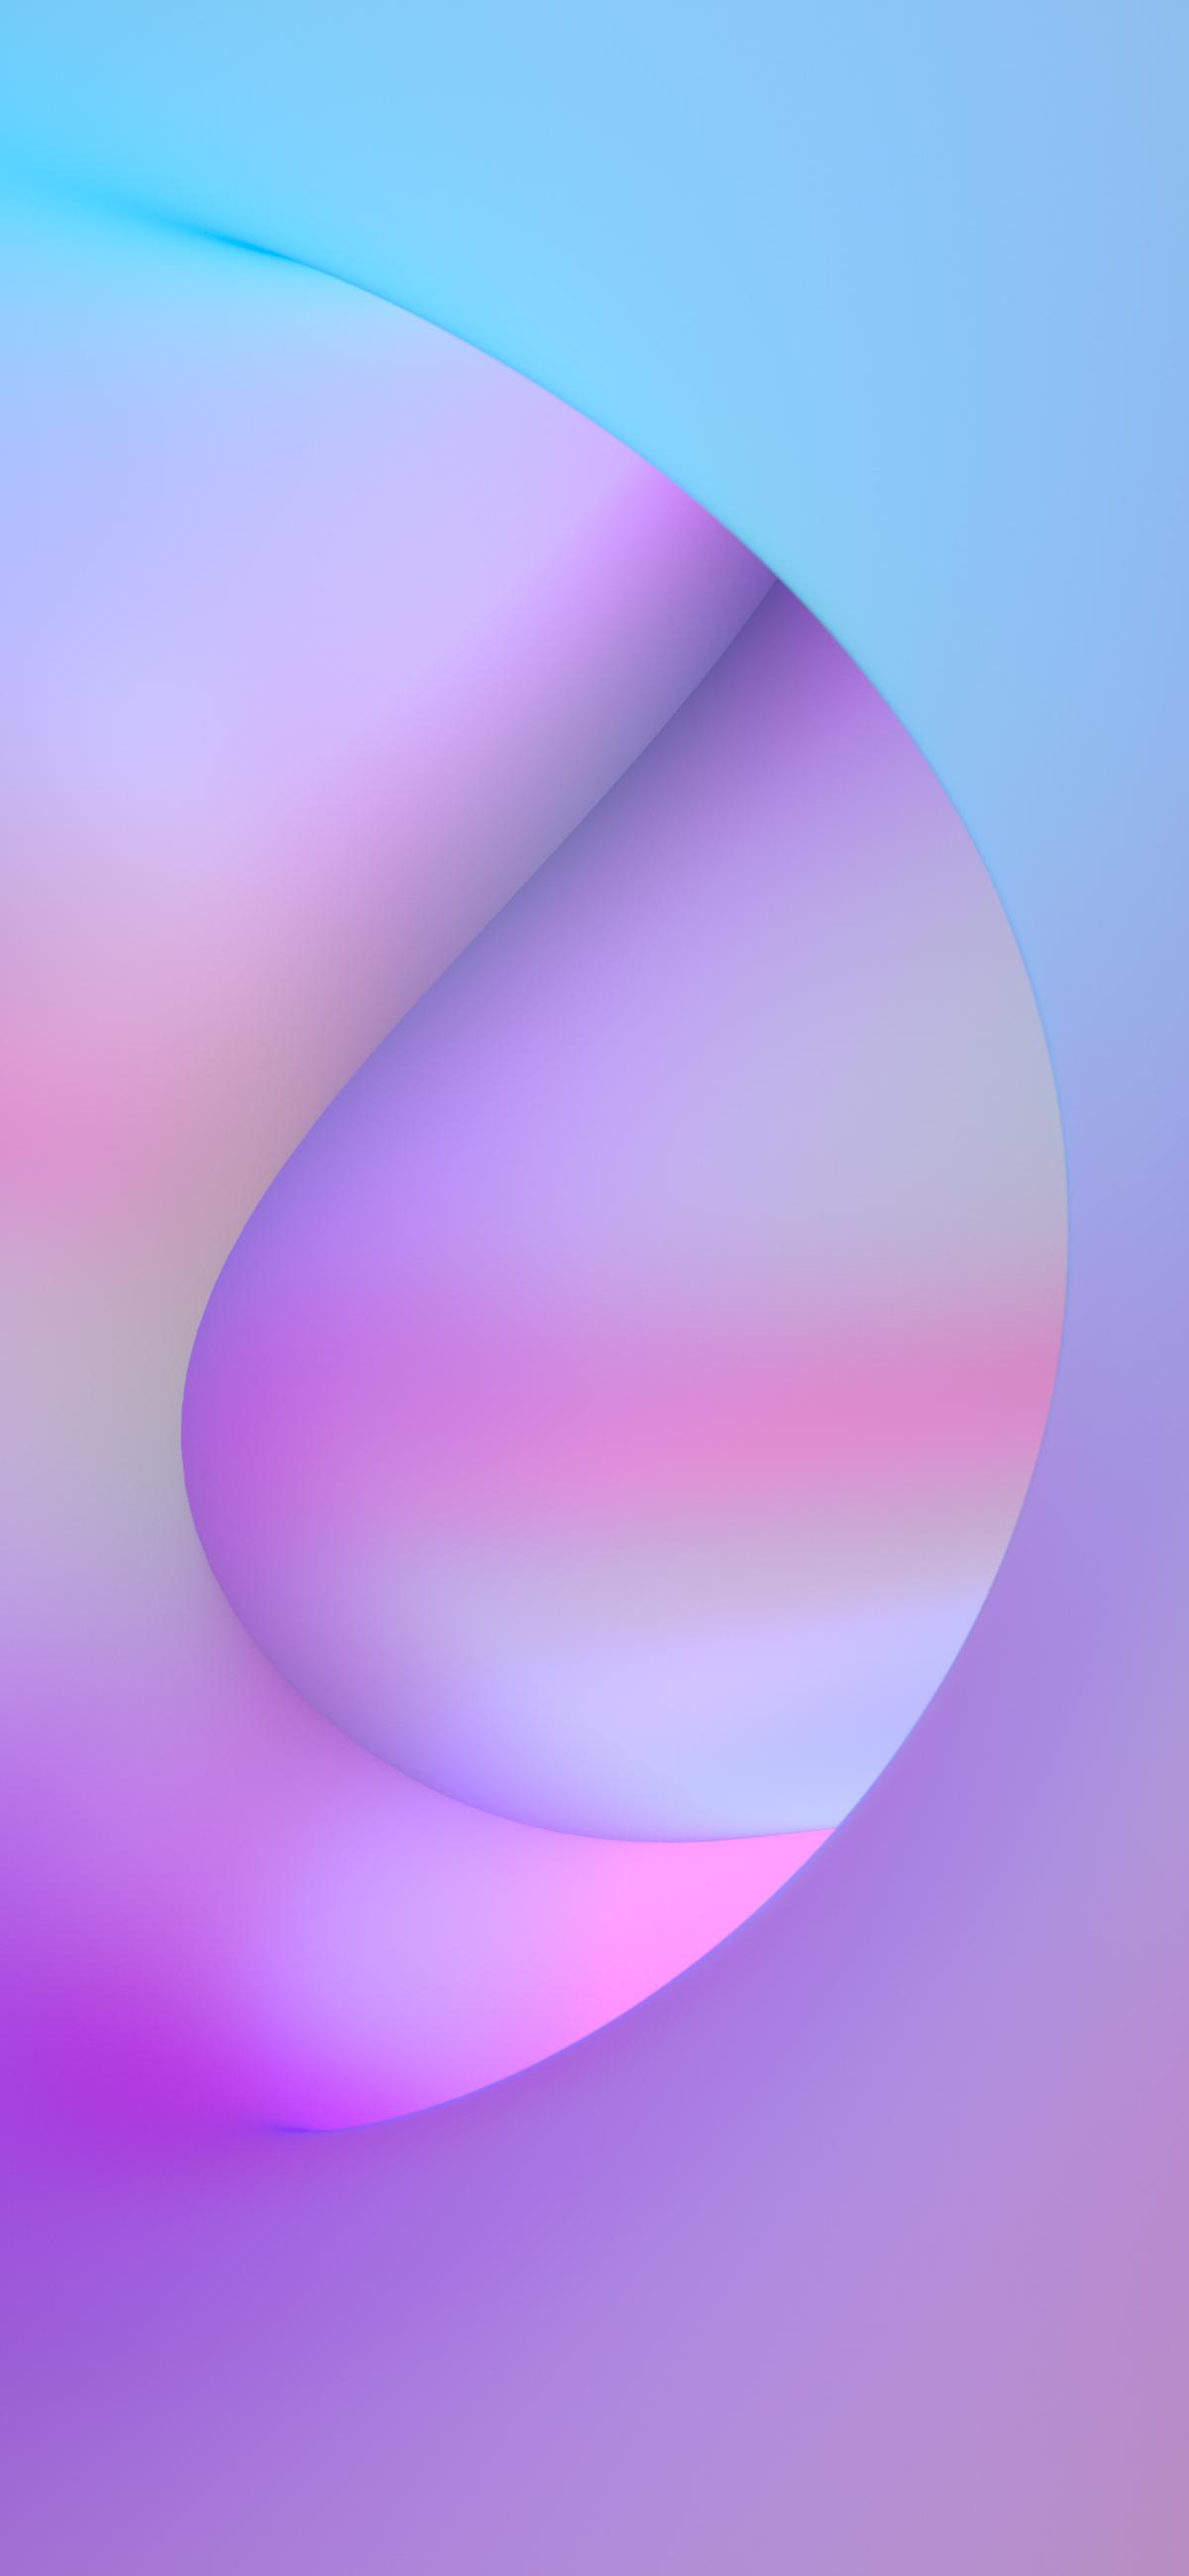 Facebook iOS 11 Wallpaper 2 - تحميل خلفيات لجوال آيفون مقدمة من فريق تصميم فيسبوك